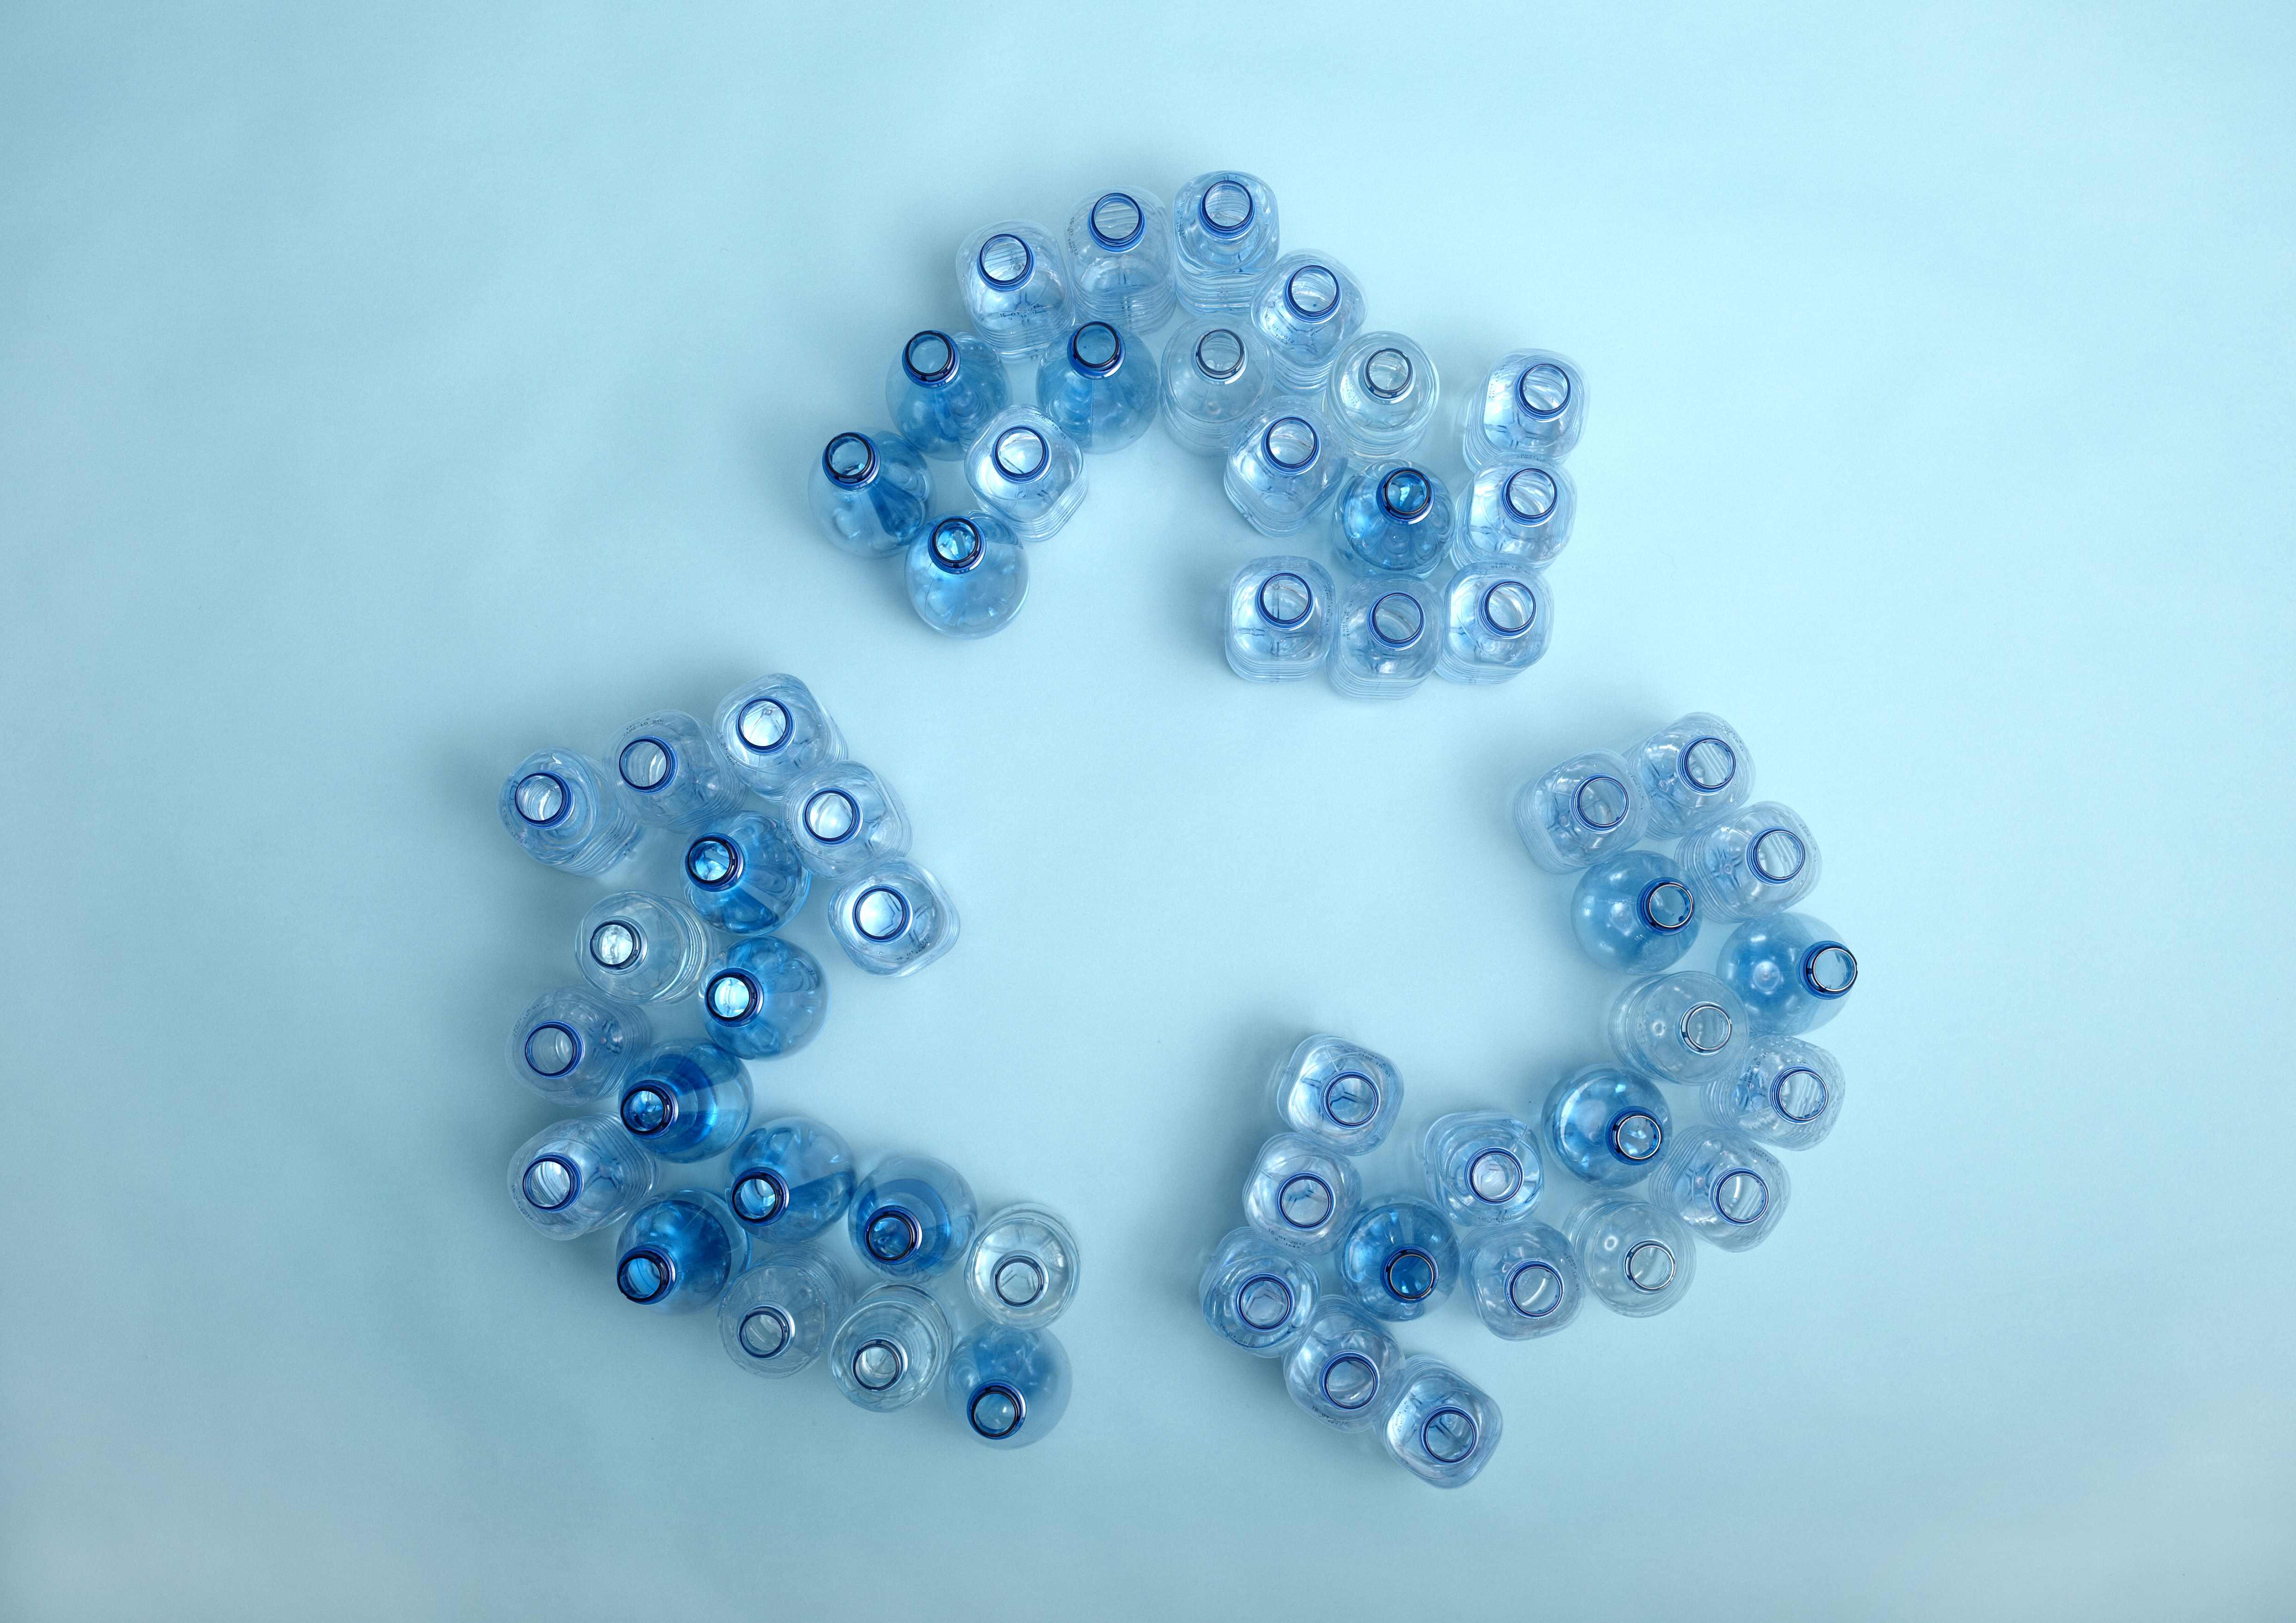 В Петербурге начали прием пластиковых бутылок за деньги